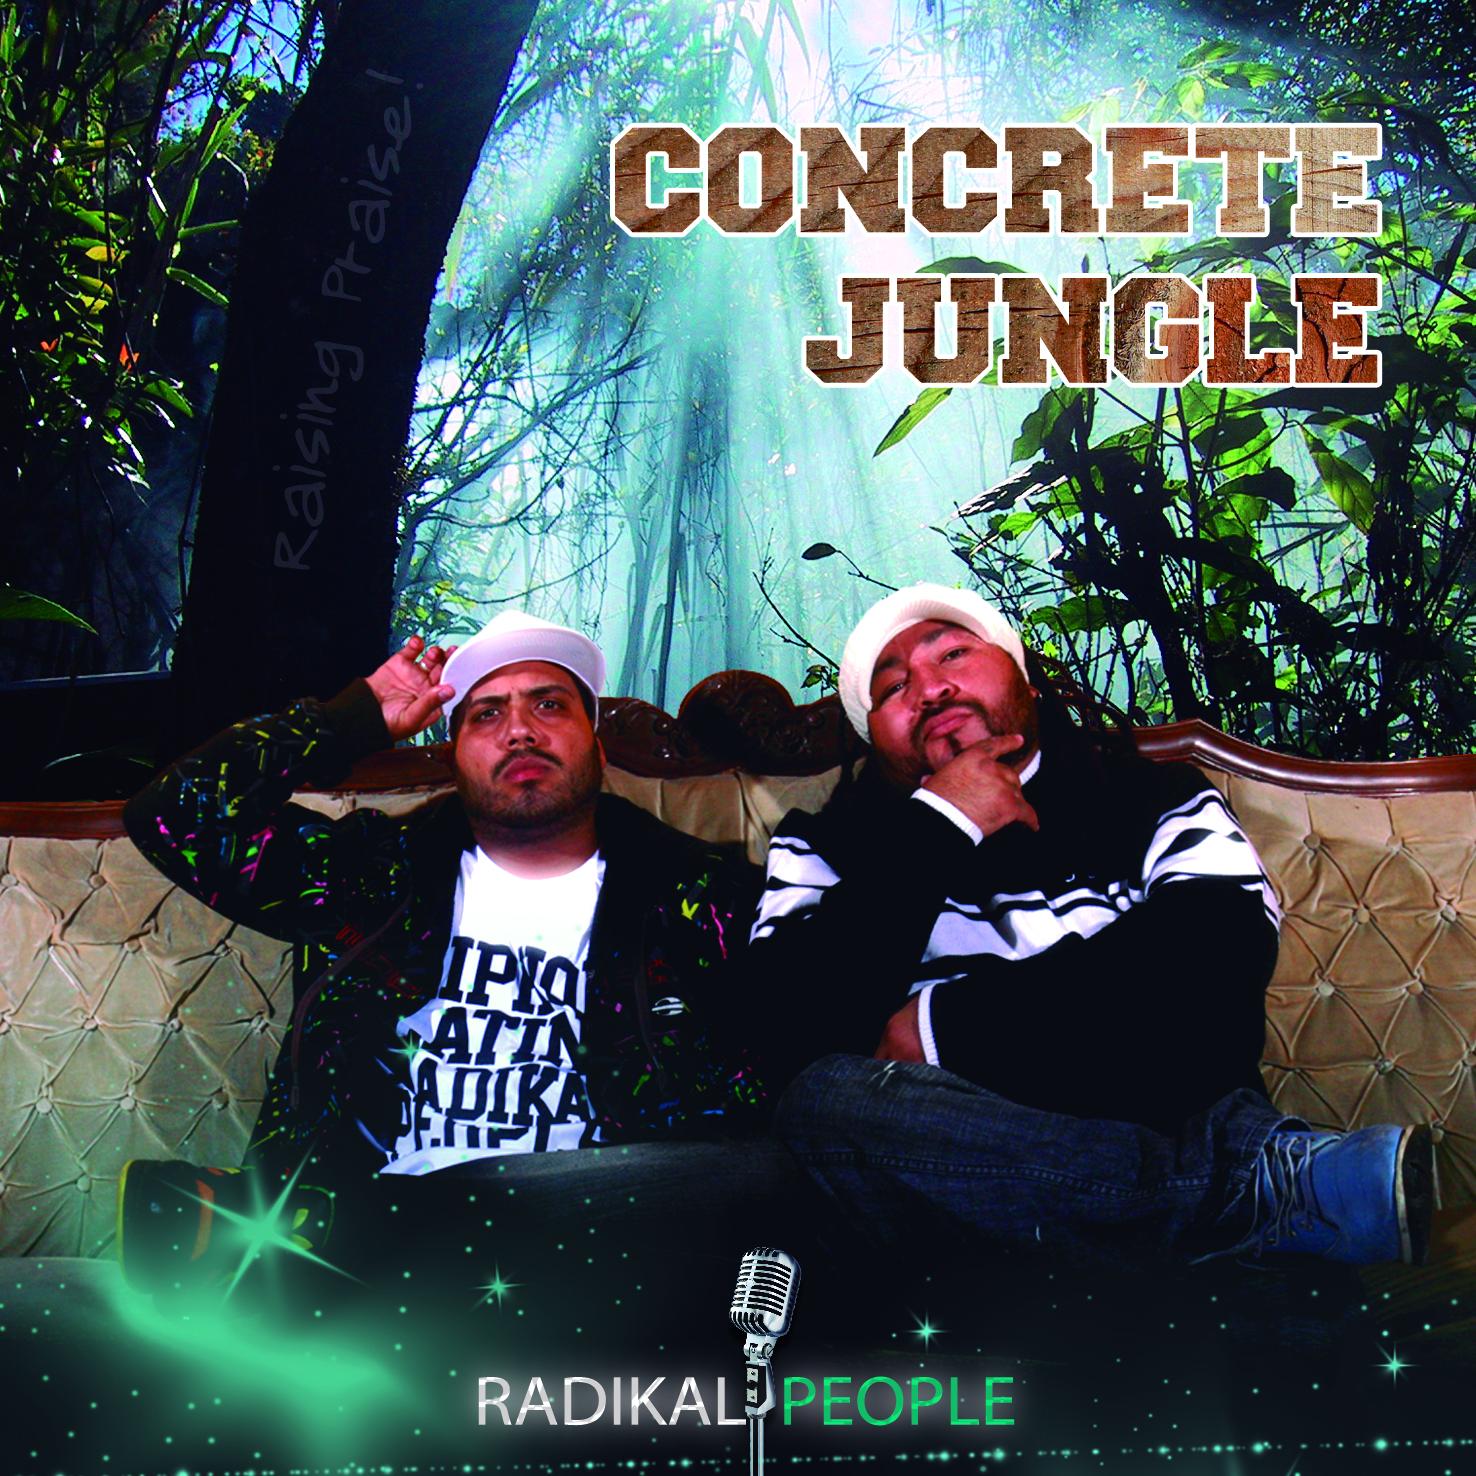 http://4.bp.blogspot.com/-Xljh7c5qdFY/UAjV6wL-udI/AAAAAAAACE8/iPct063r9pM/s1600/Radikal-People-Concrete-Jungle-2012.jpg